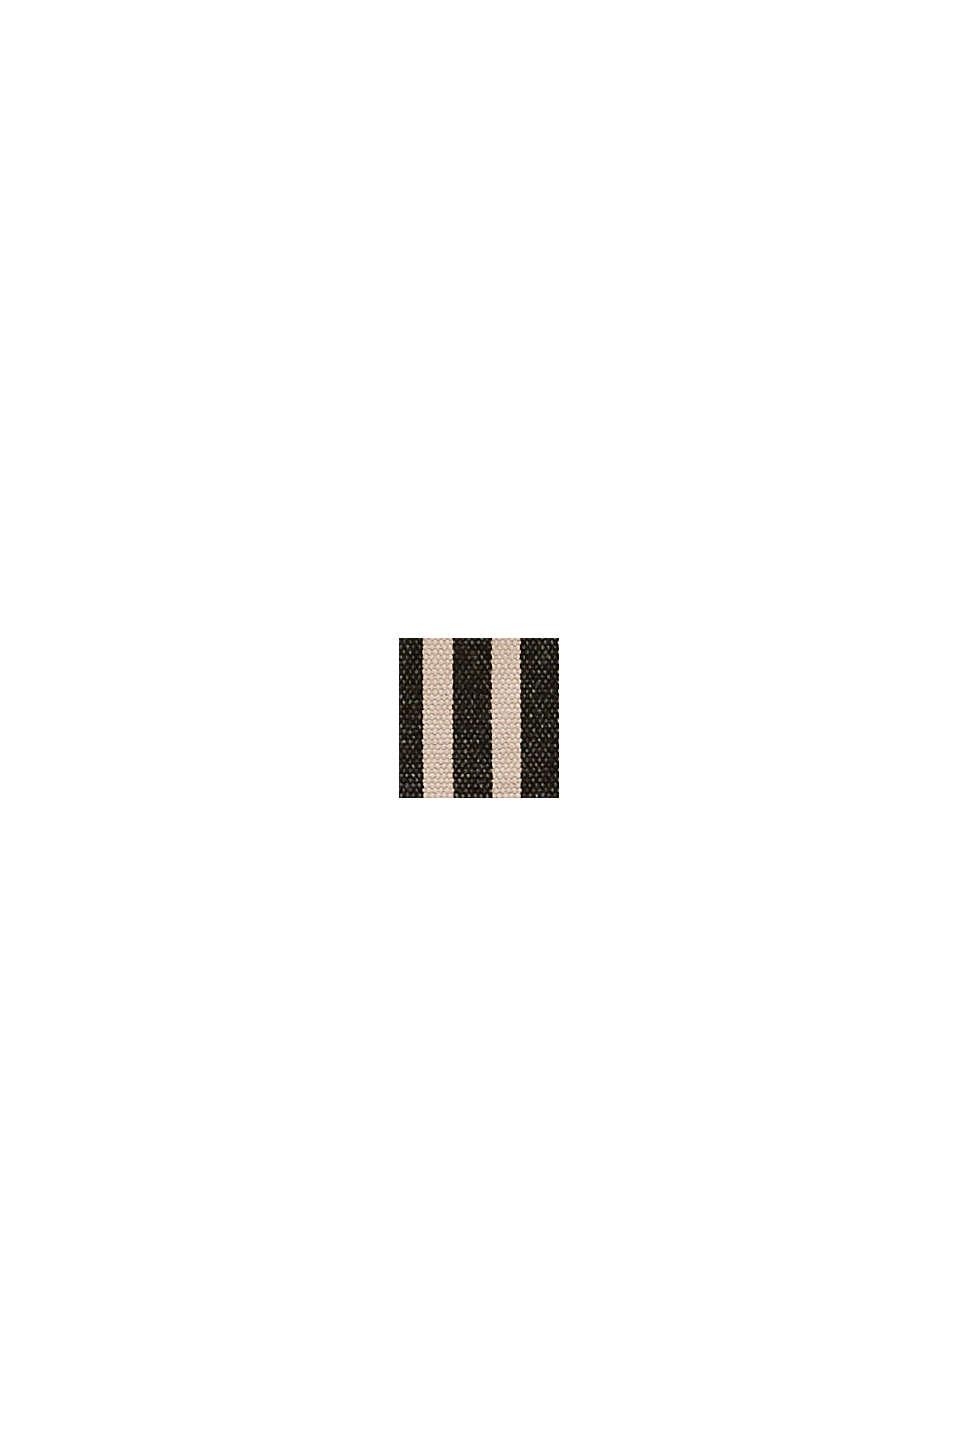 Sac besace en toile et cuir, BLACK COLORWAY, swatch